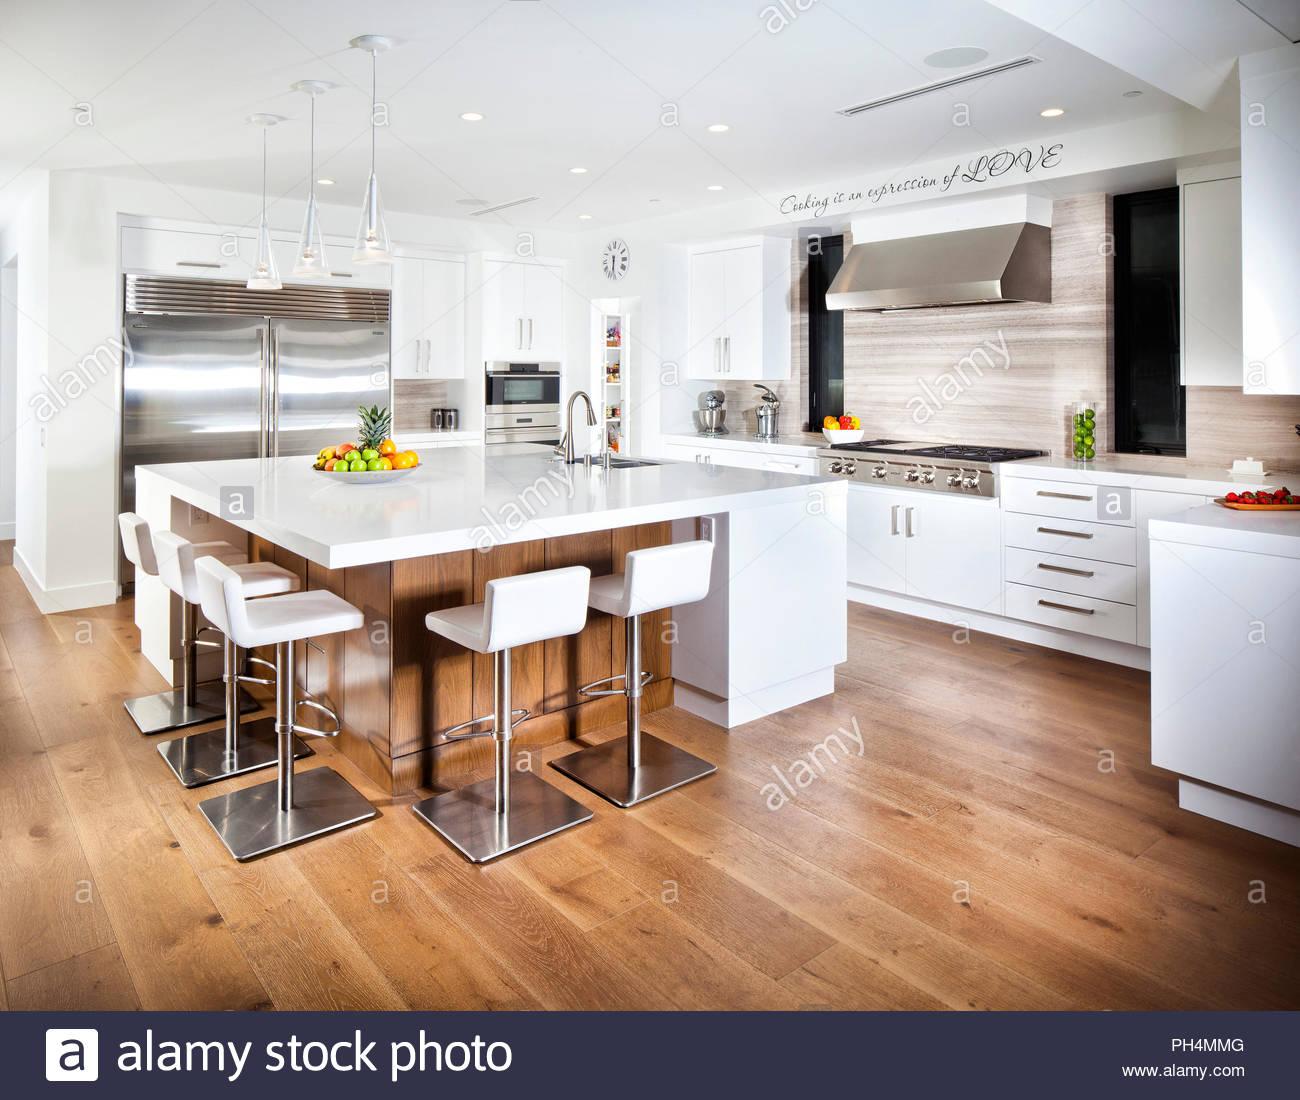 Kuchenarbeitsplatte Stockfotos Kuchenarbeitsplatte Bilder Alamy